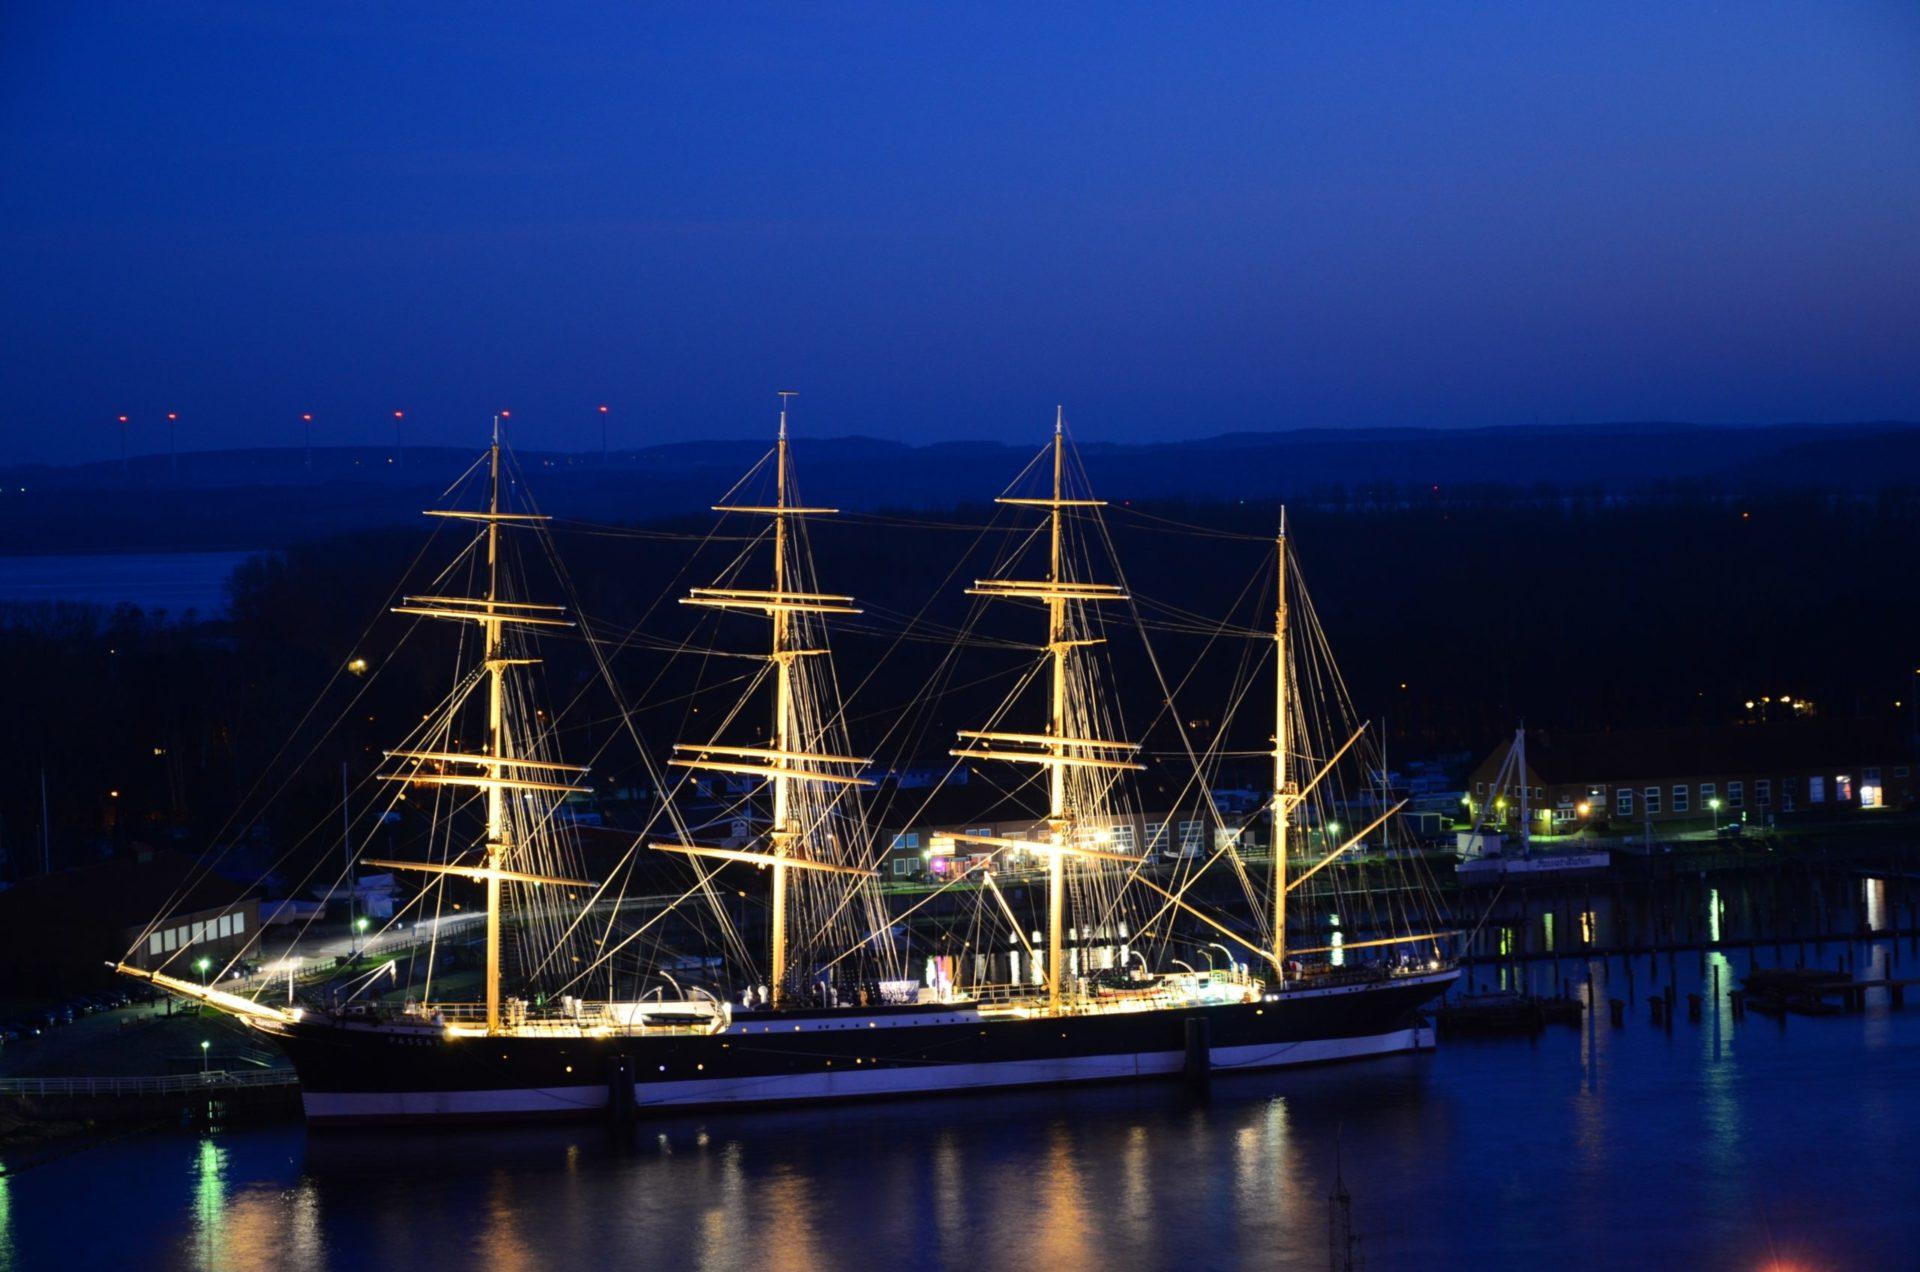 Wassertemperatur Travemünde: Segelschiff Viermast-Stahlbark Passat im Hafen beleuchtet bei Nacht